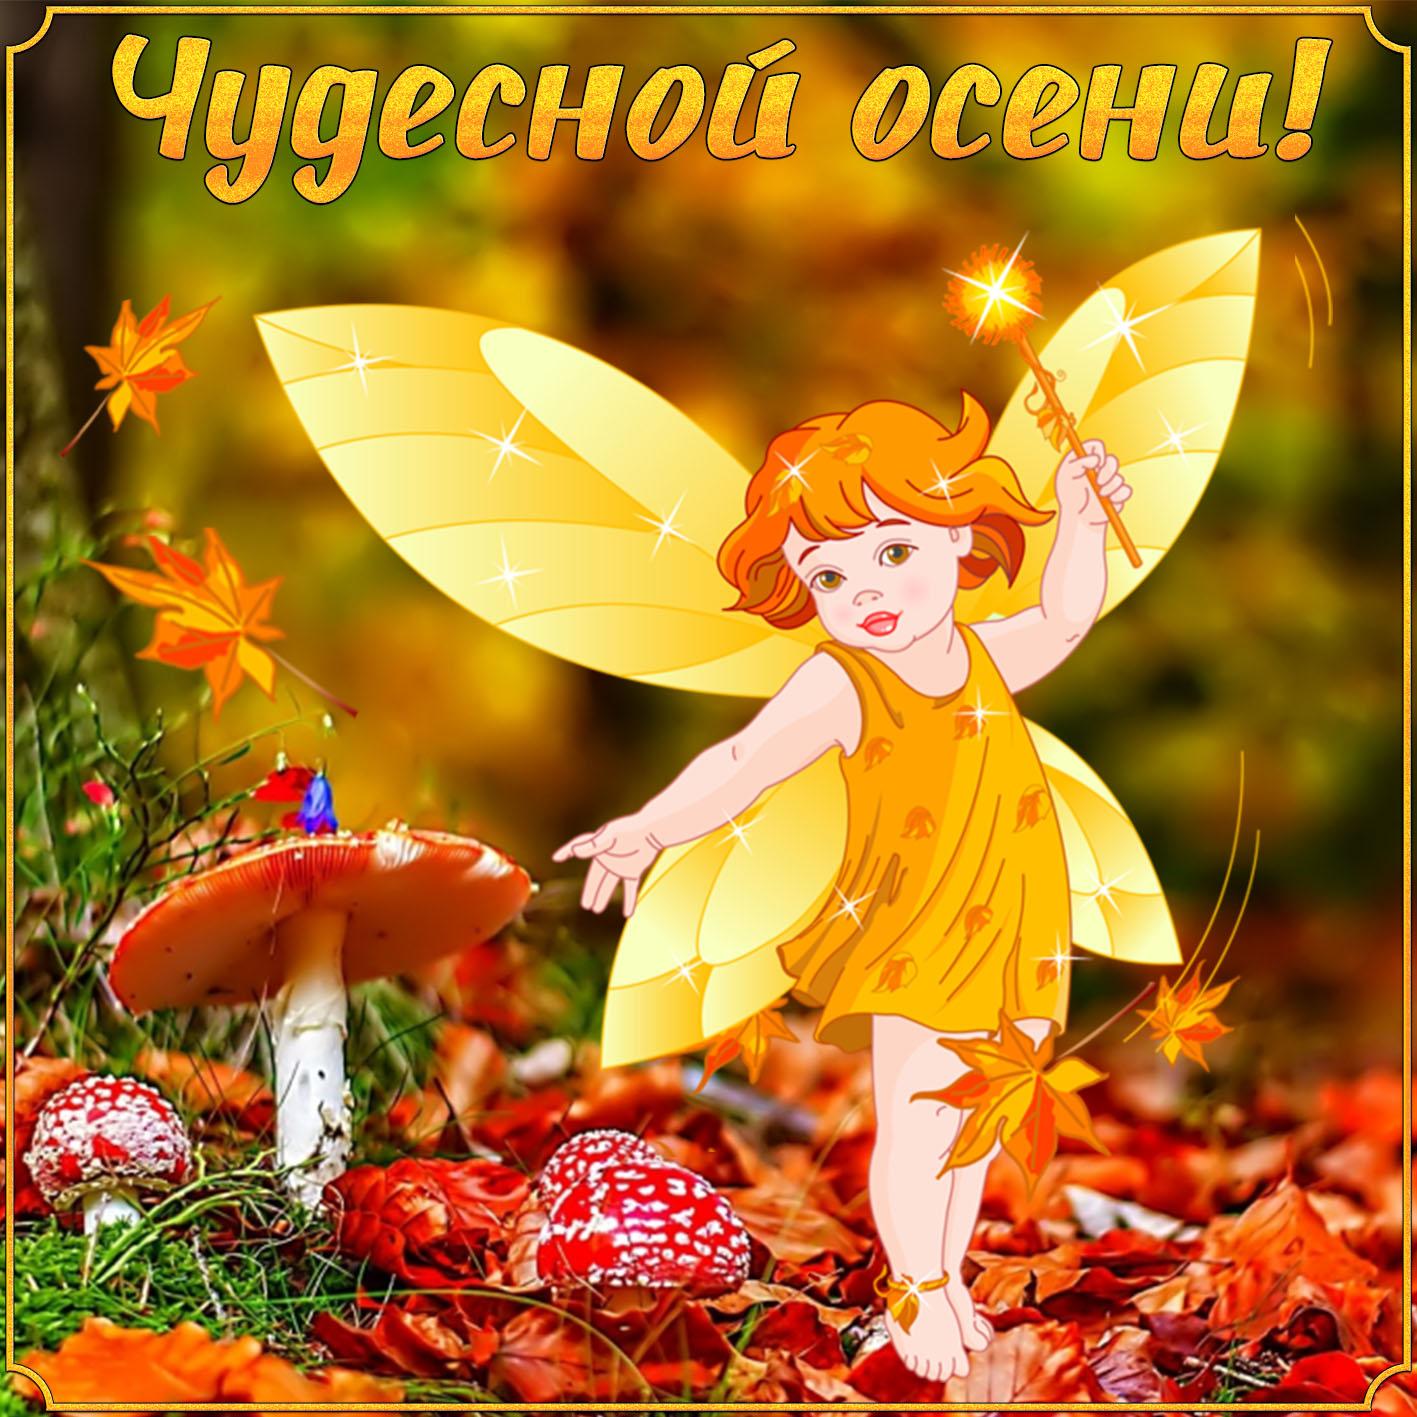 Открытка - забавная фея на опавших листьях желает всем чудесной осени